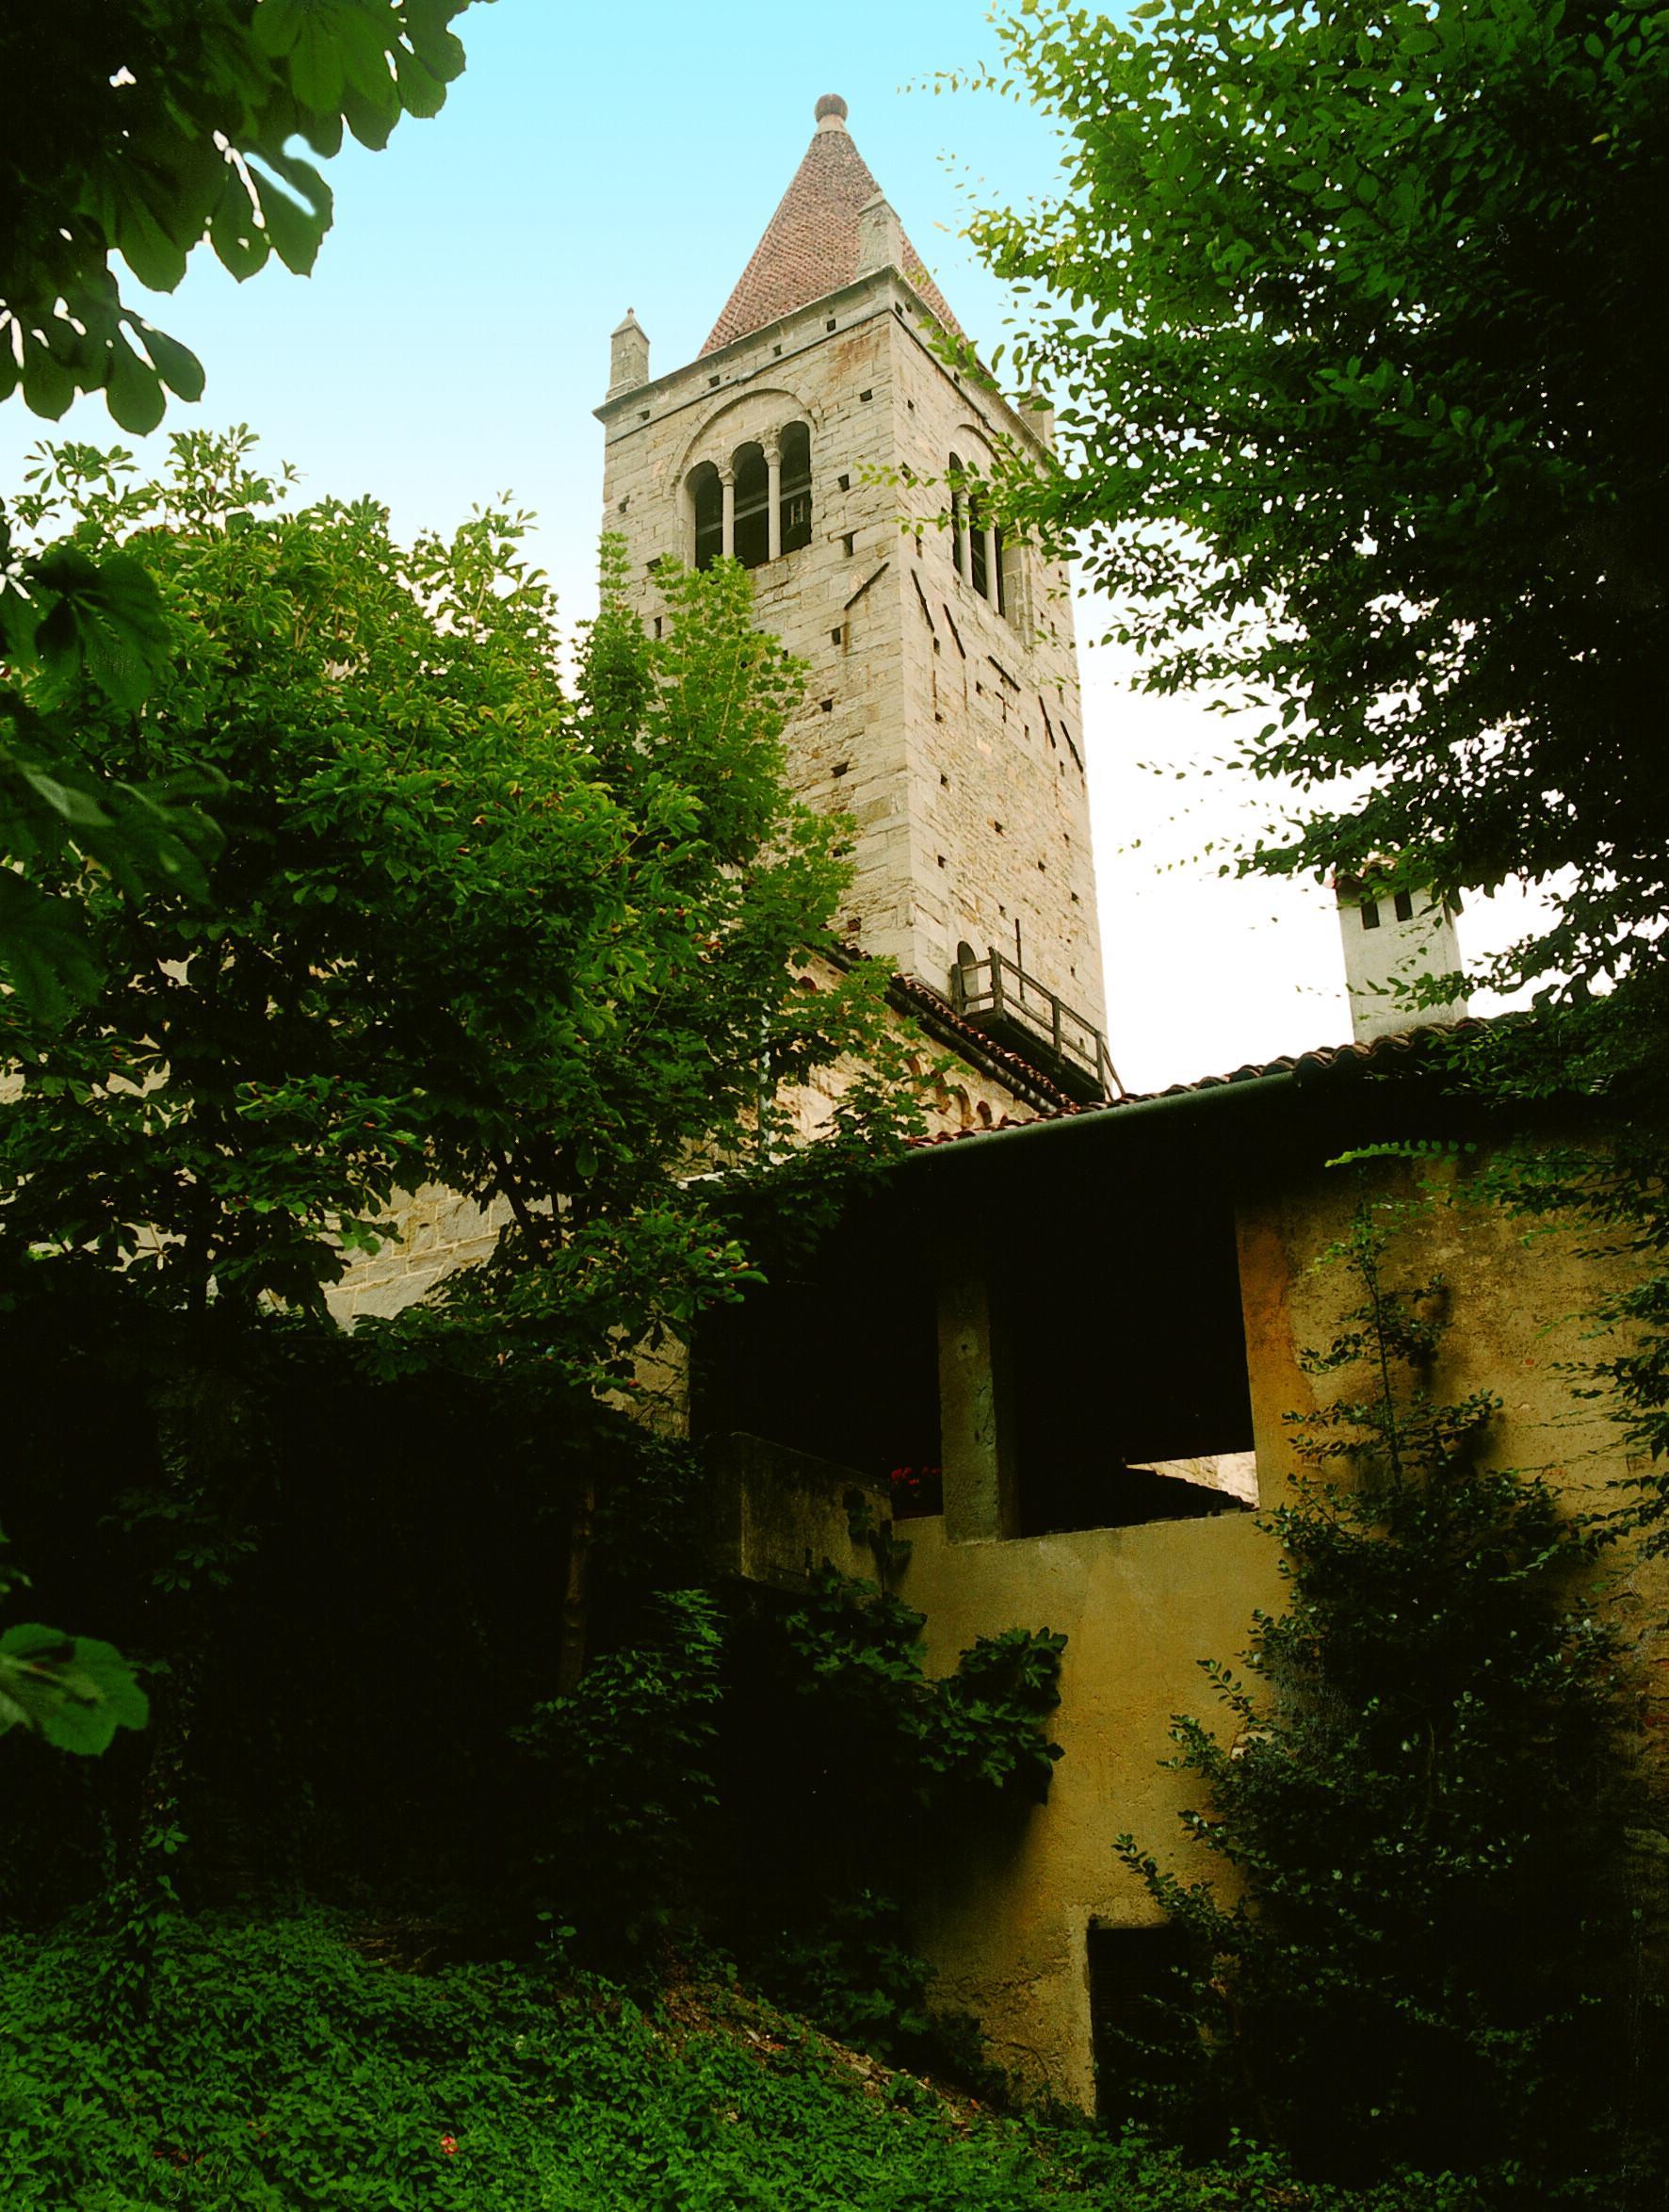 S. Egidio in Fontanella, scorcio da ovest del portico d'accesso al cortile interno e del campanile